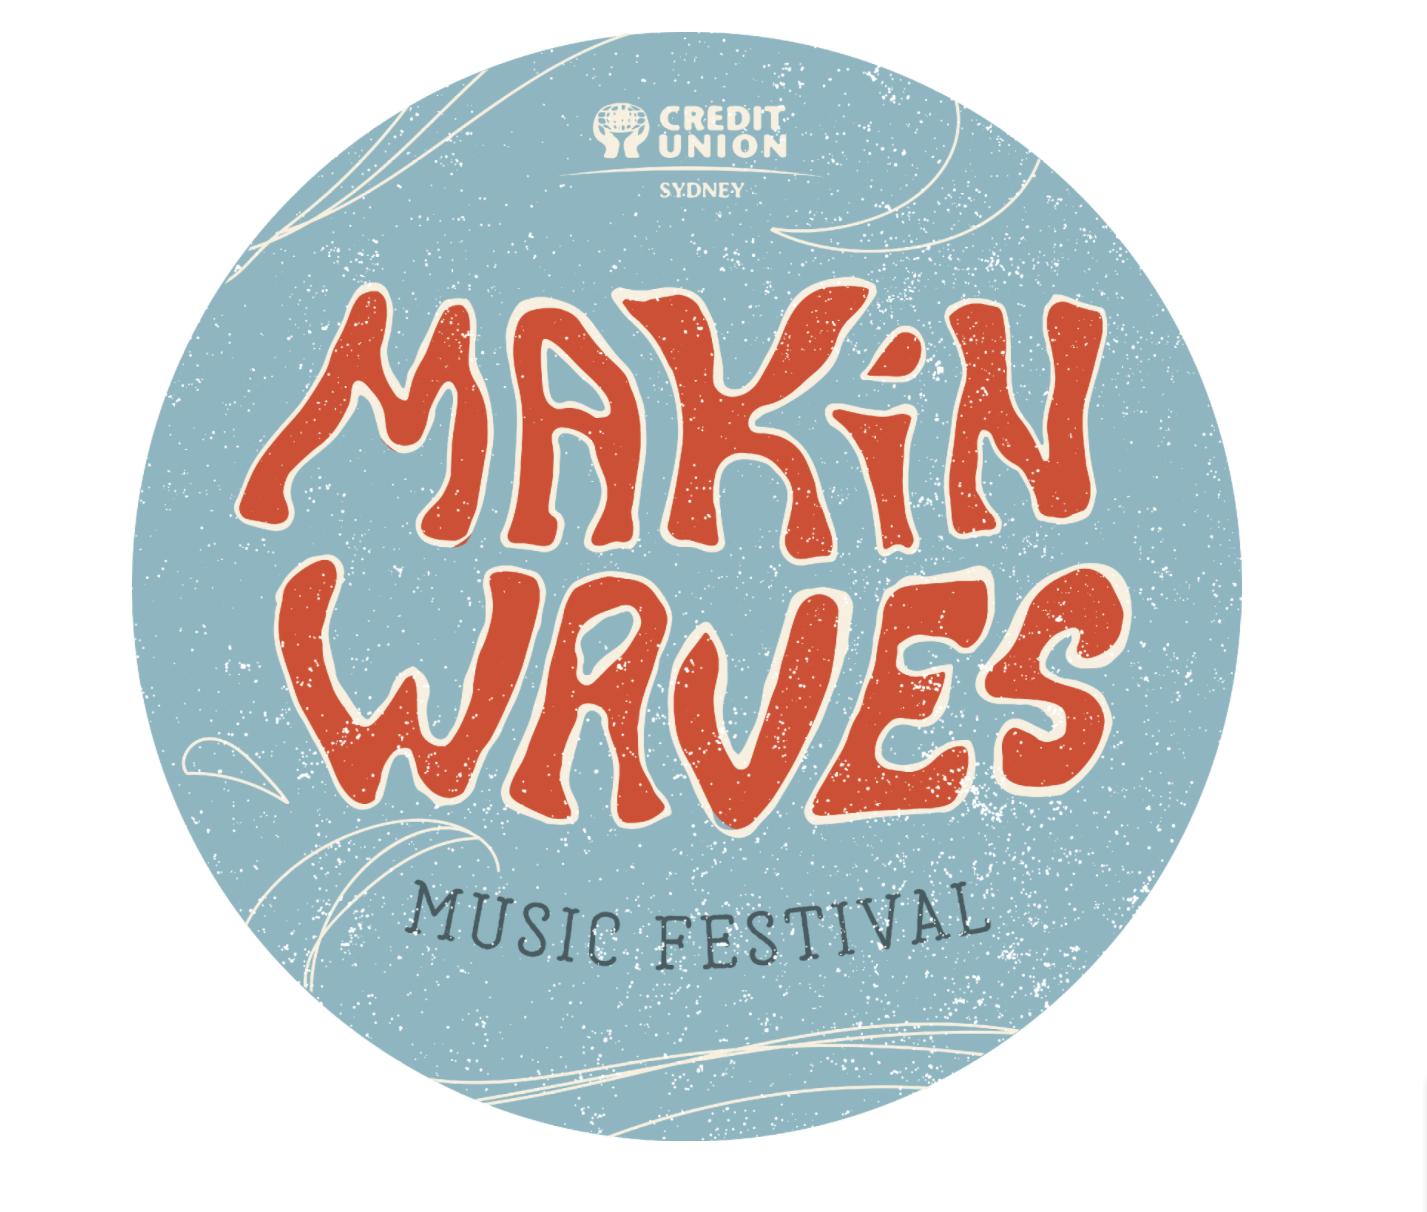 musicfestival_novascotia